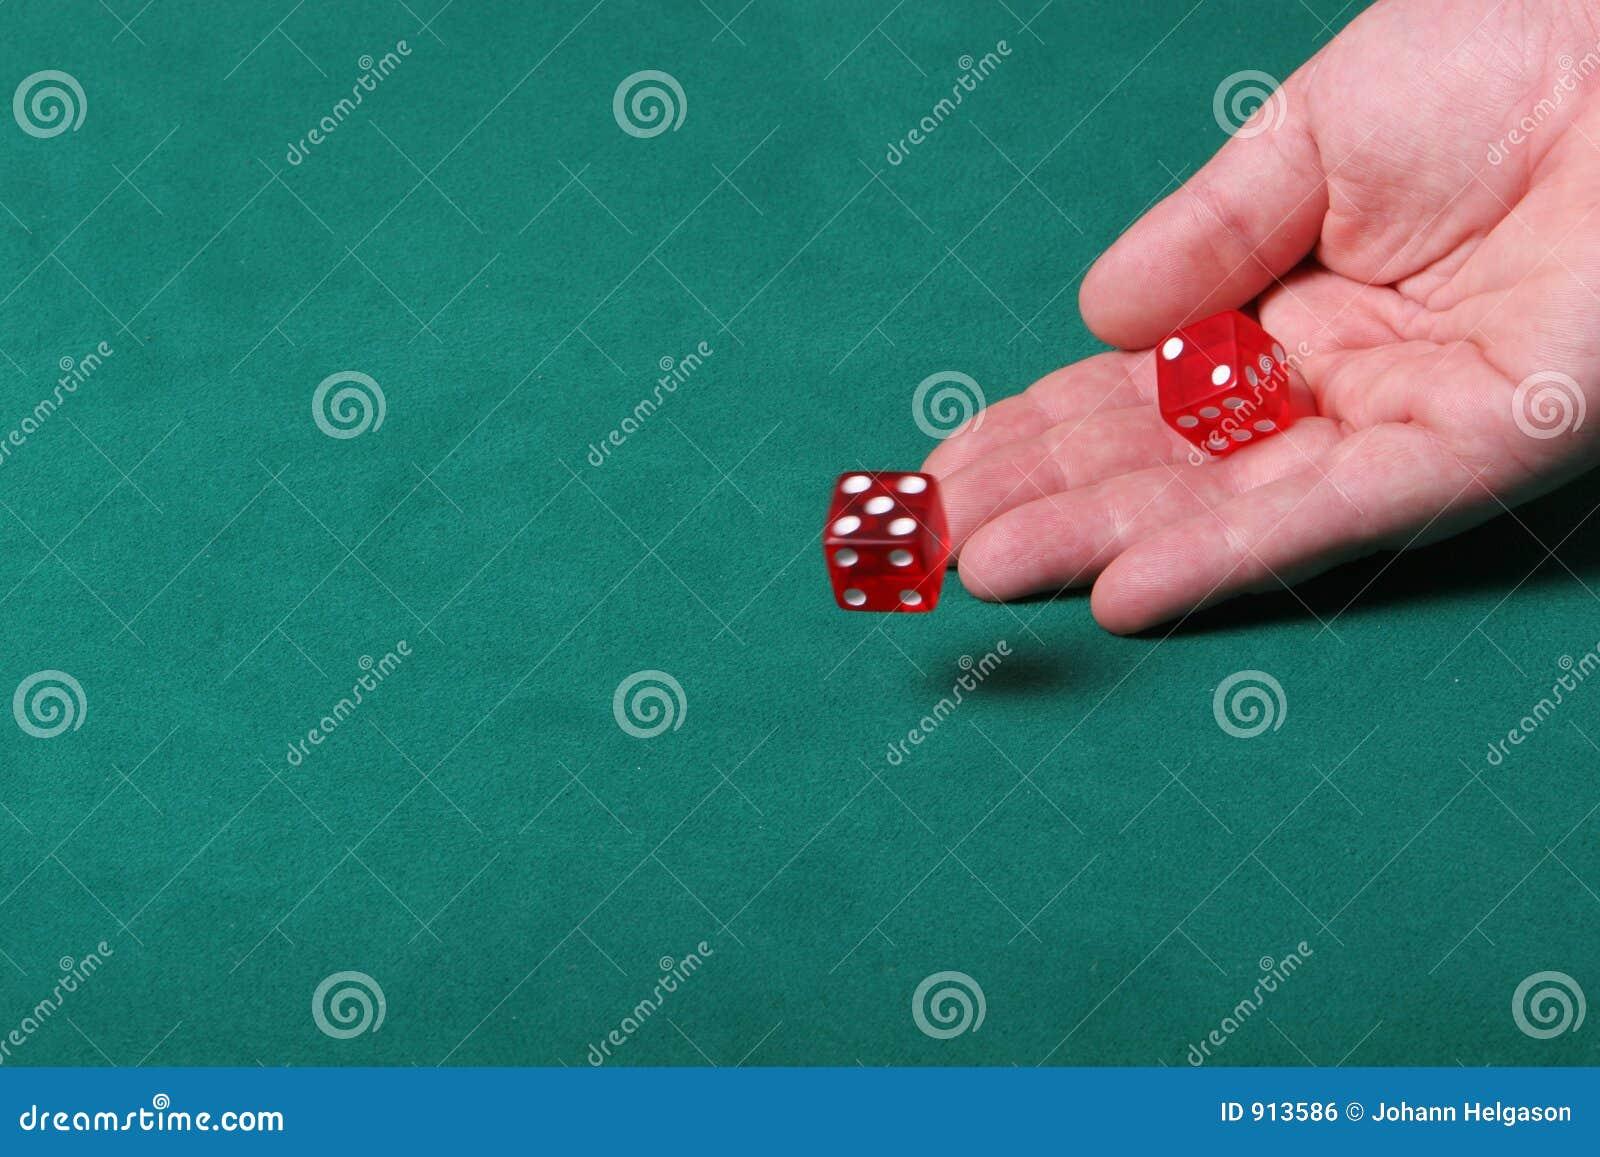 Medlar betting odds in2lol betting websites